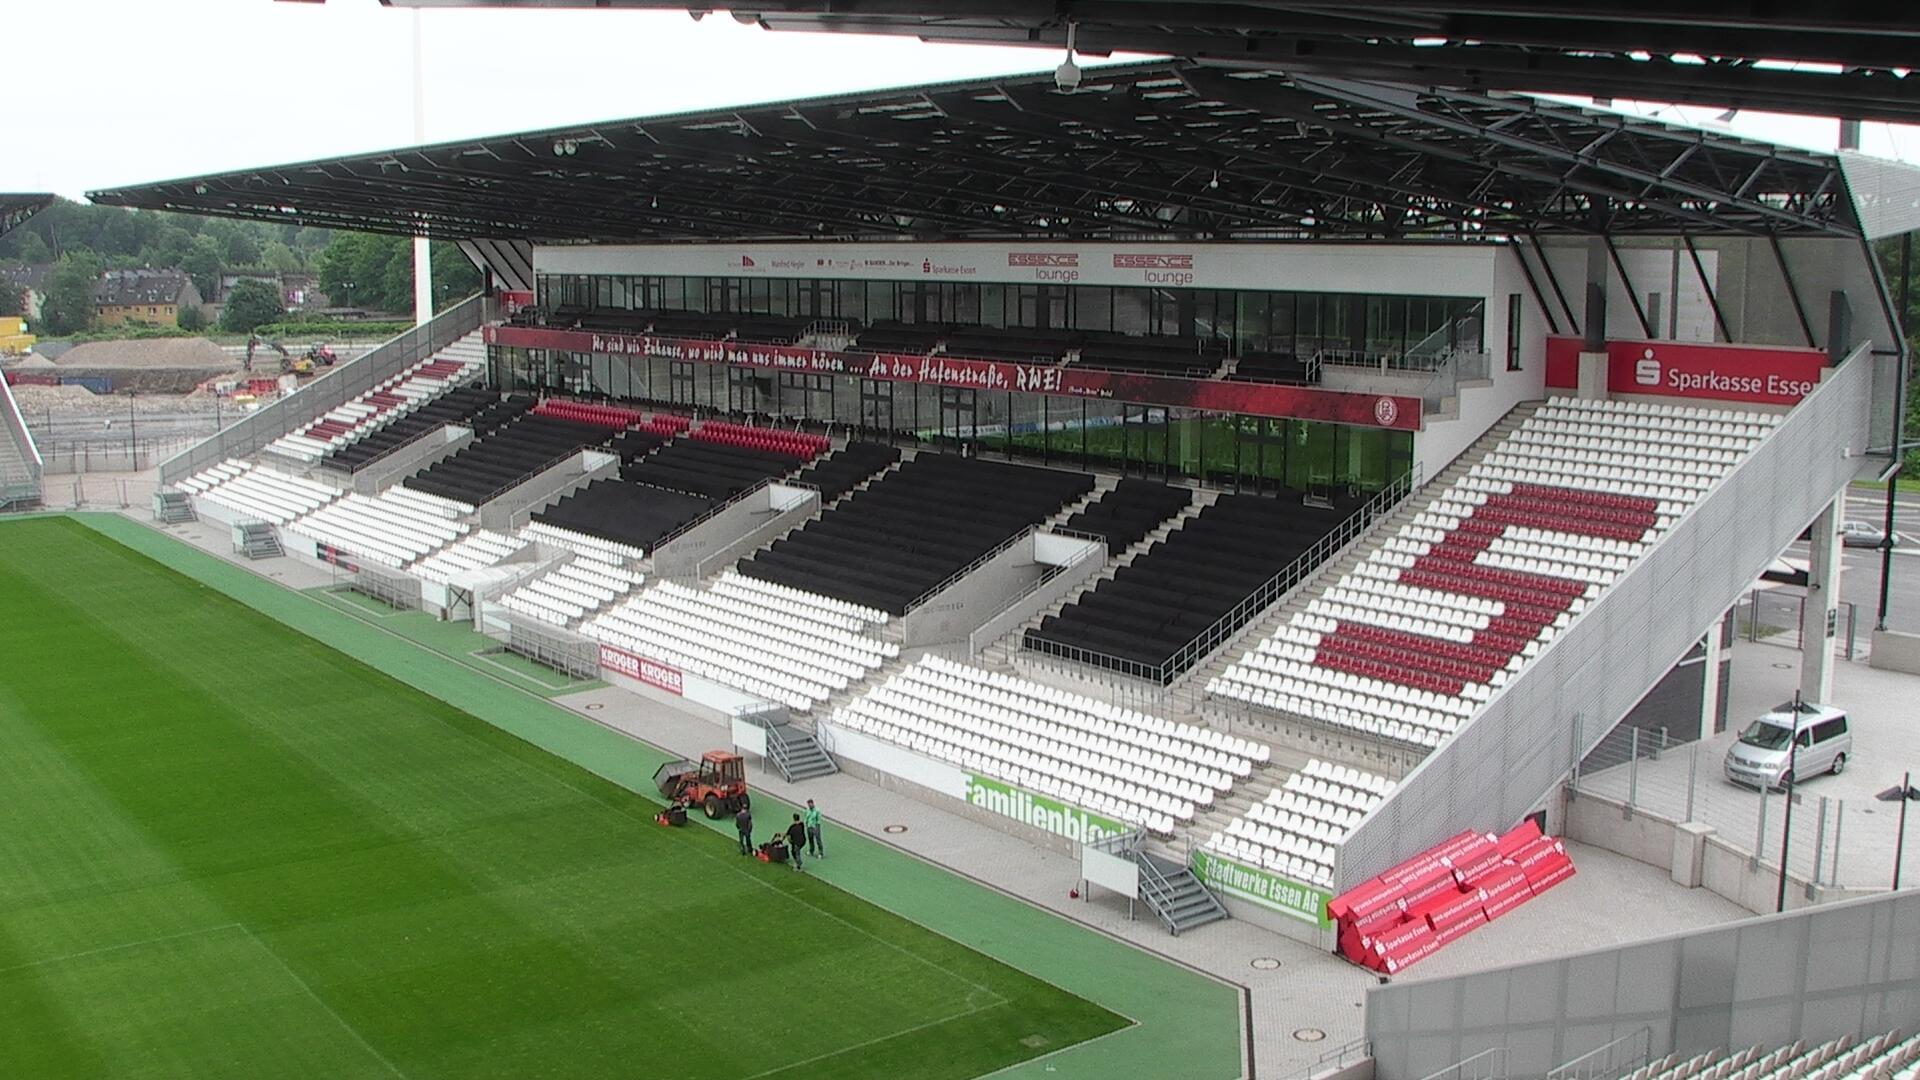 Stadion Essen Plan